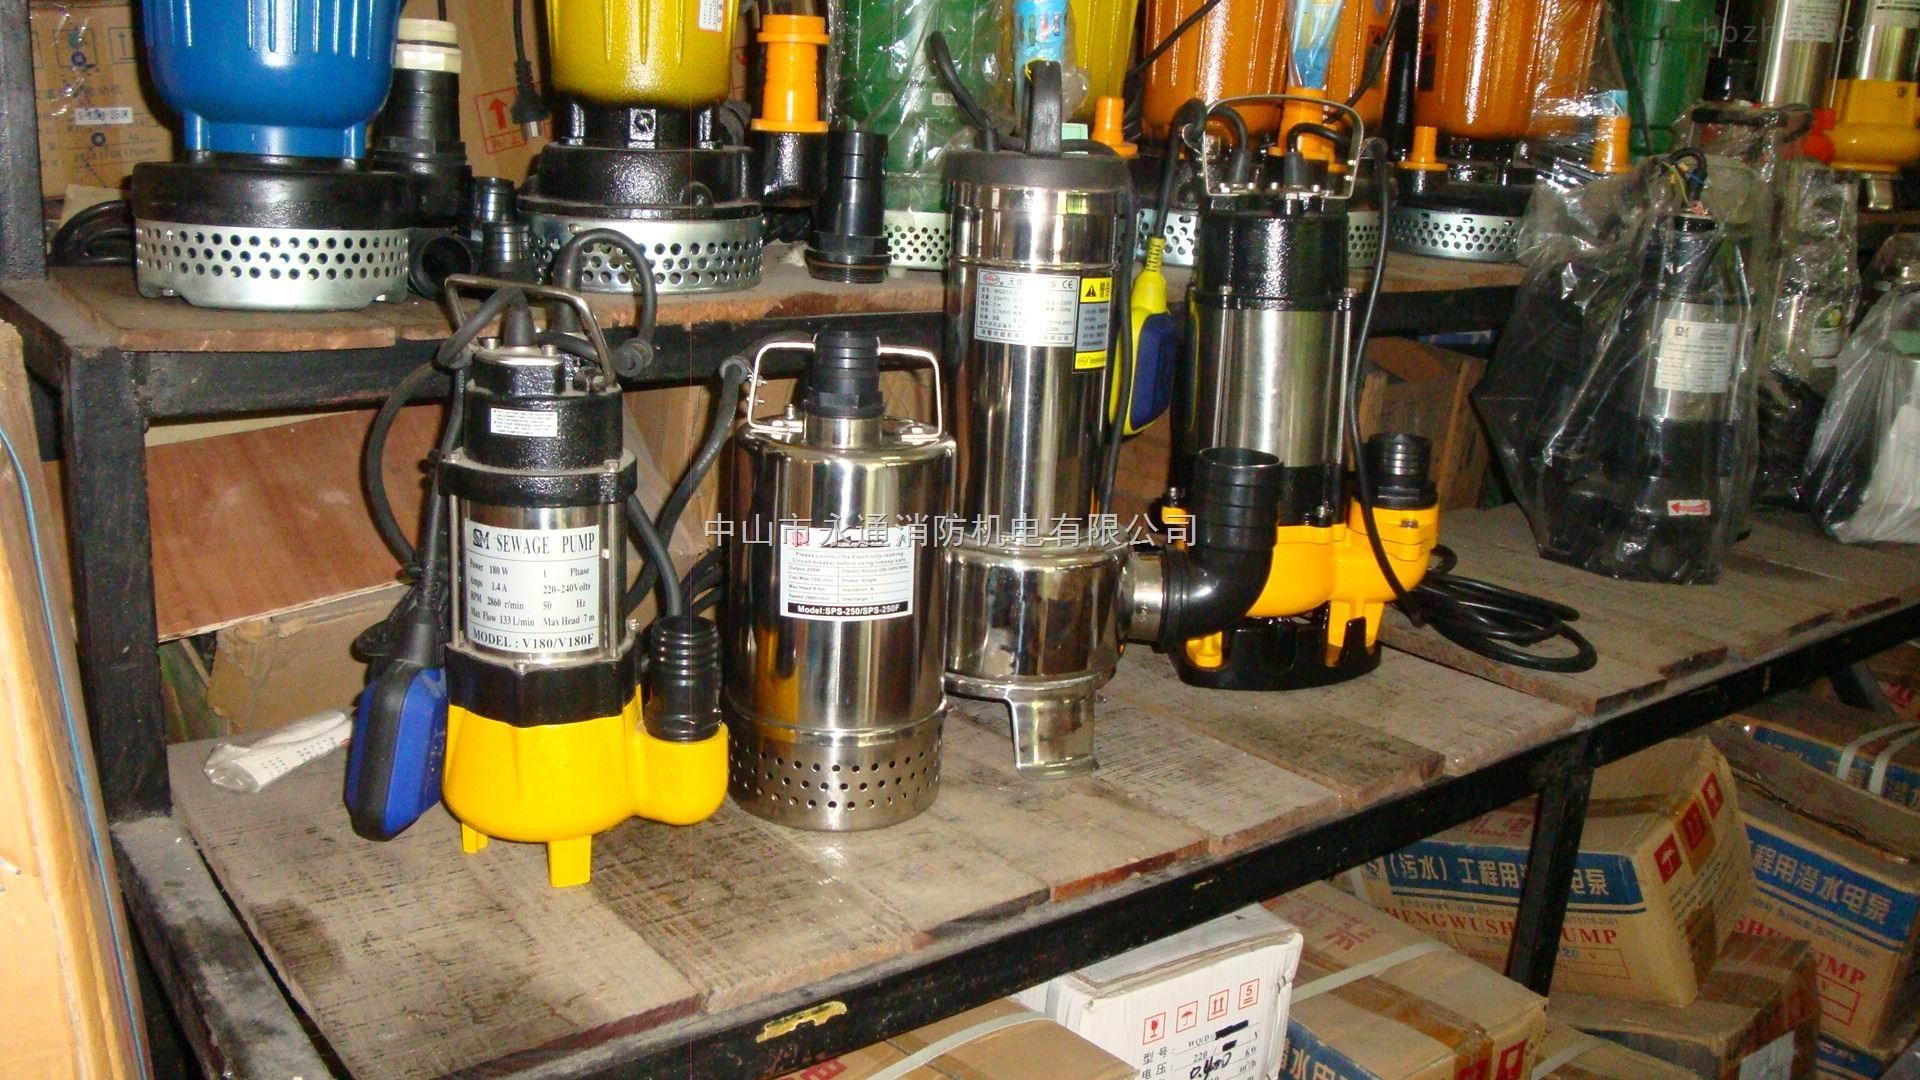 sps-700 单相带浮球自动型潜水泵 多功能潜水泵 中山现货